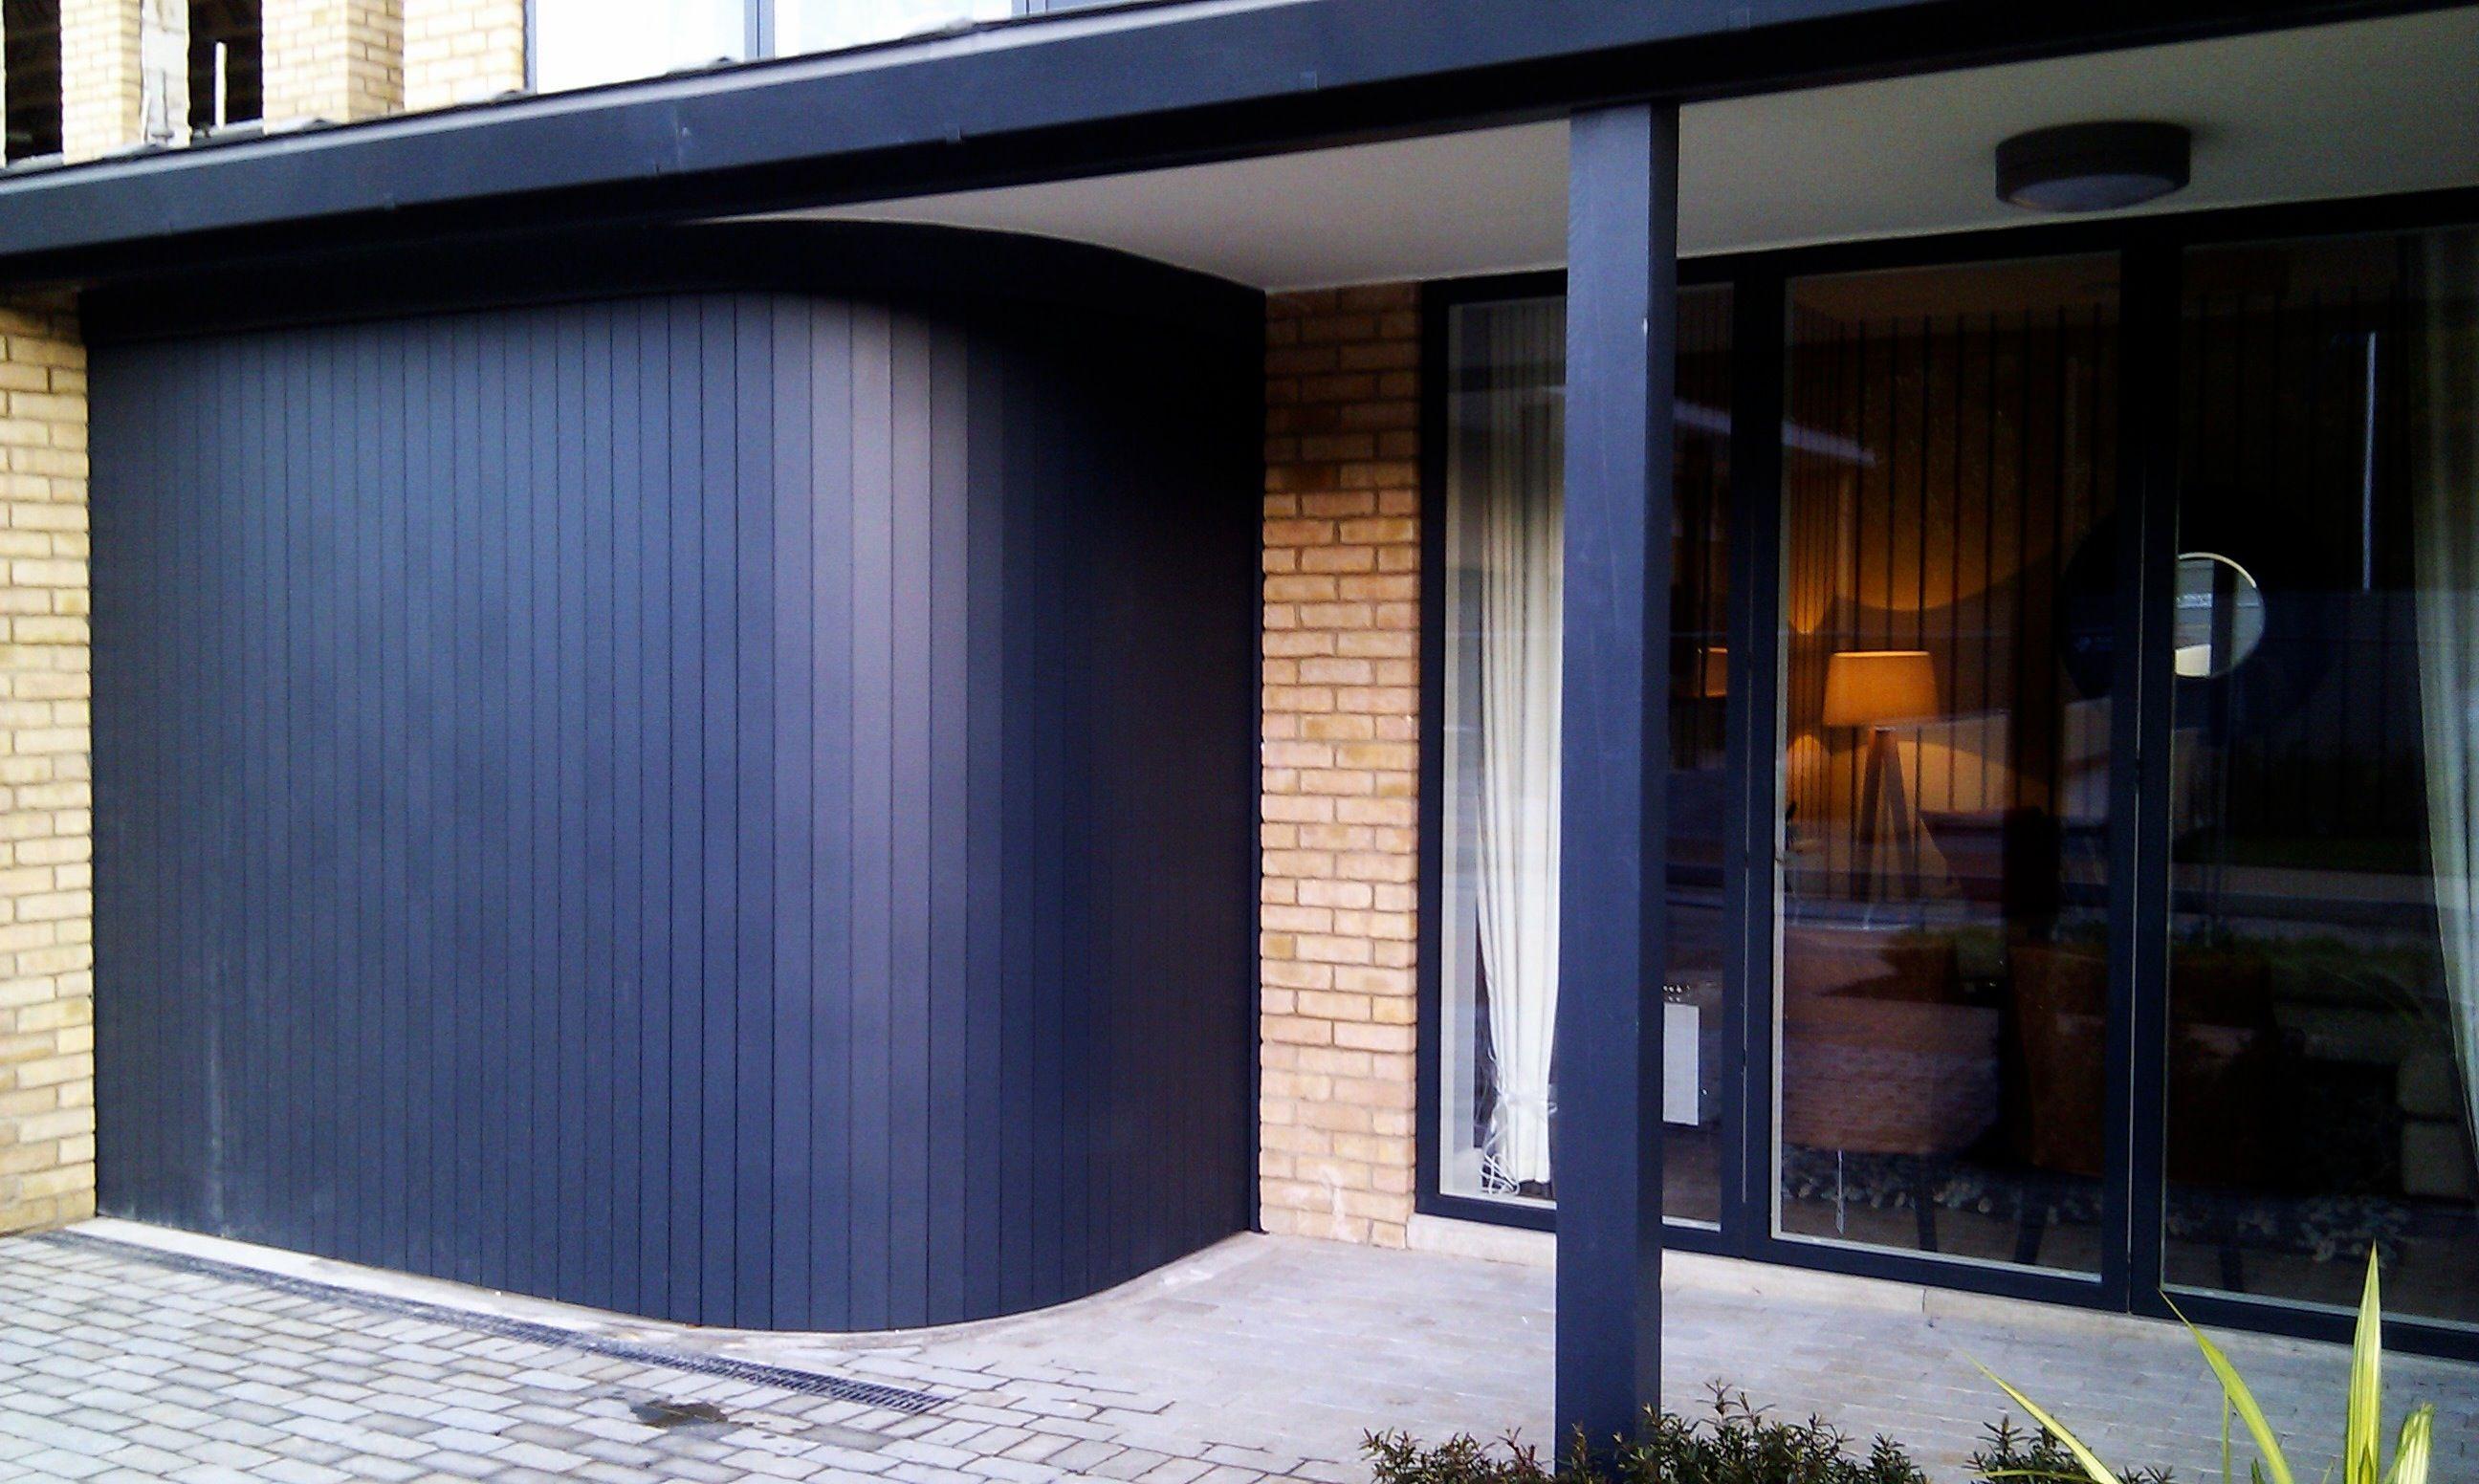 43 Awesome Garage Doors Design Ideas Garage Door Styles Garage Doors Sliding Garage Doors